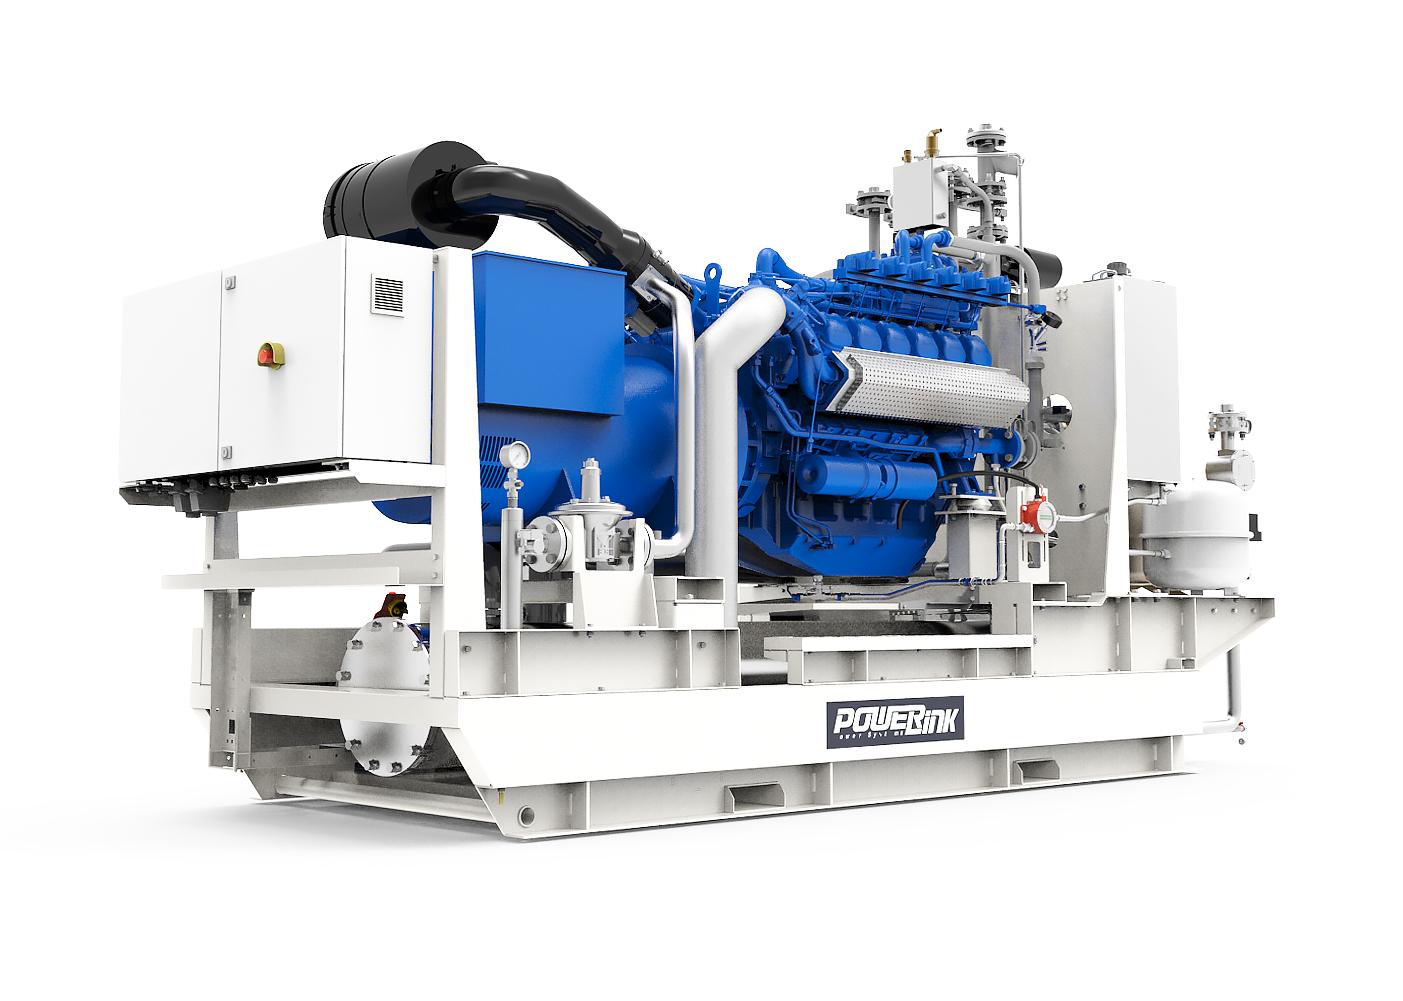 Газопоршневая электростанция (ГПУ) PowerLink CG400S-NG